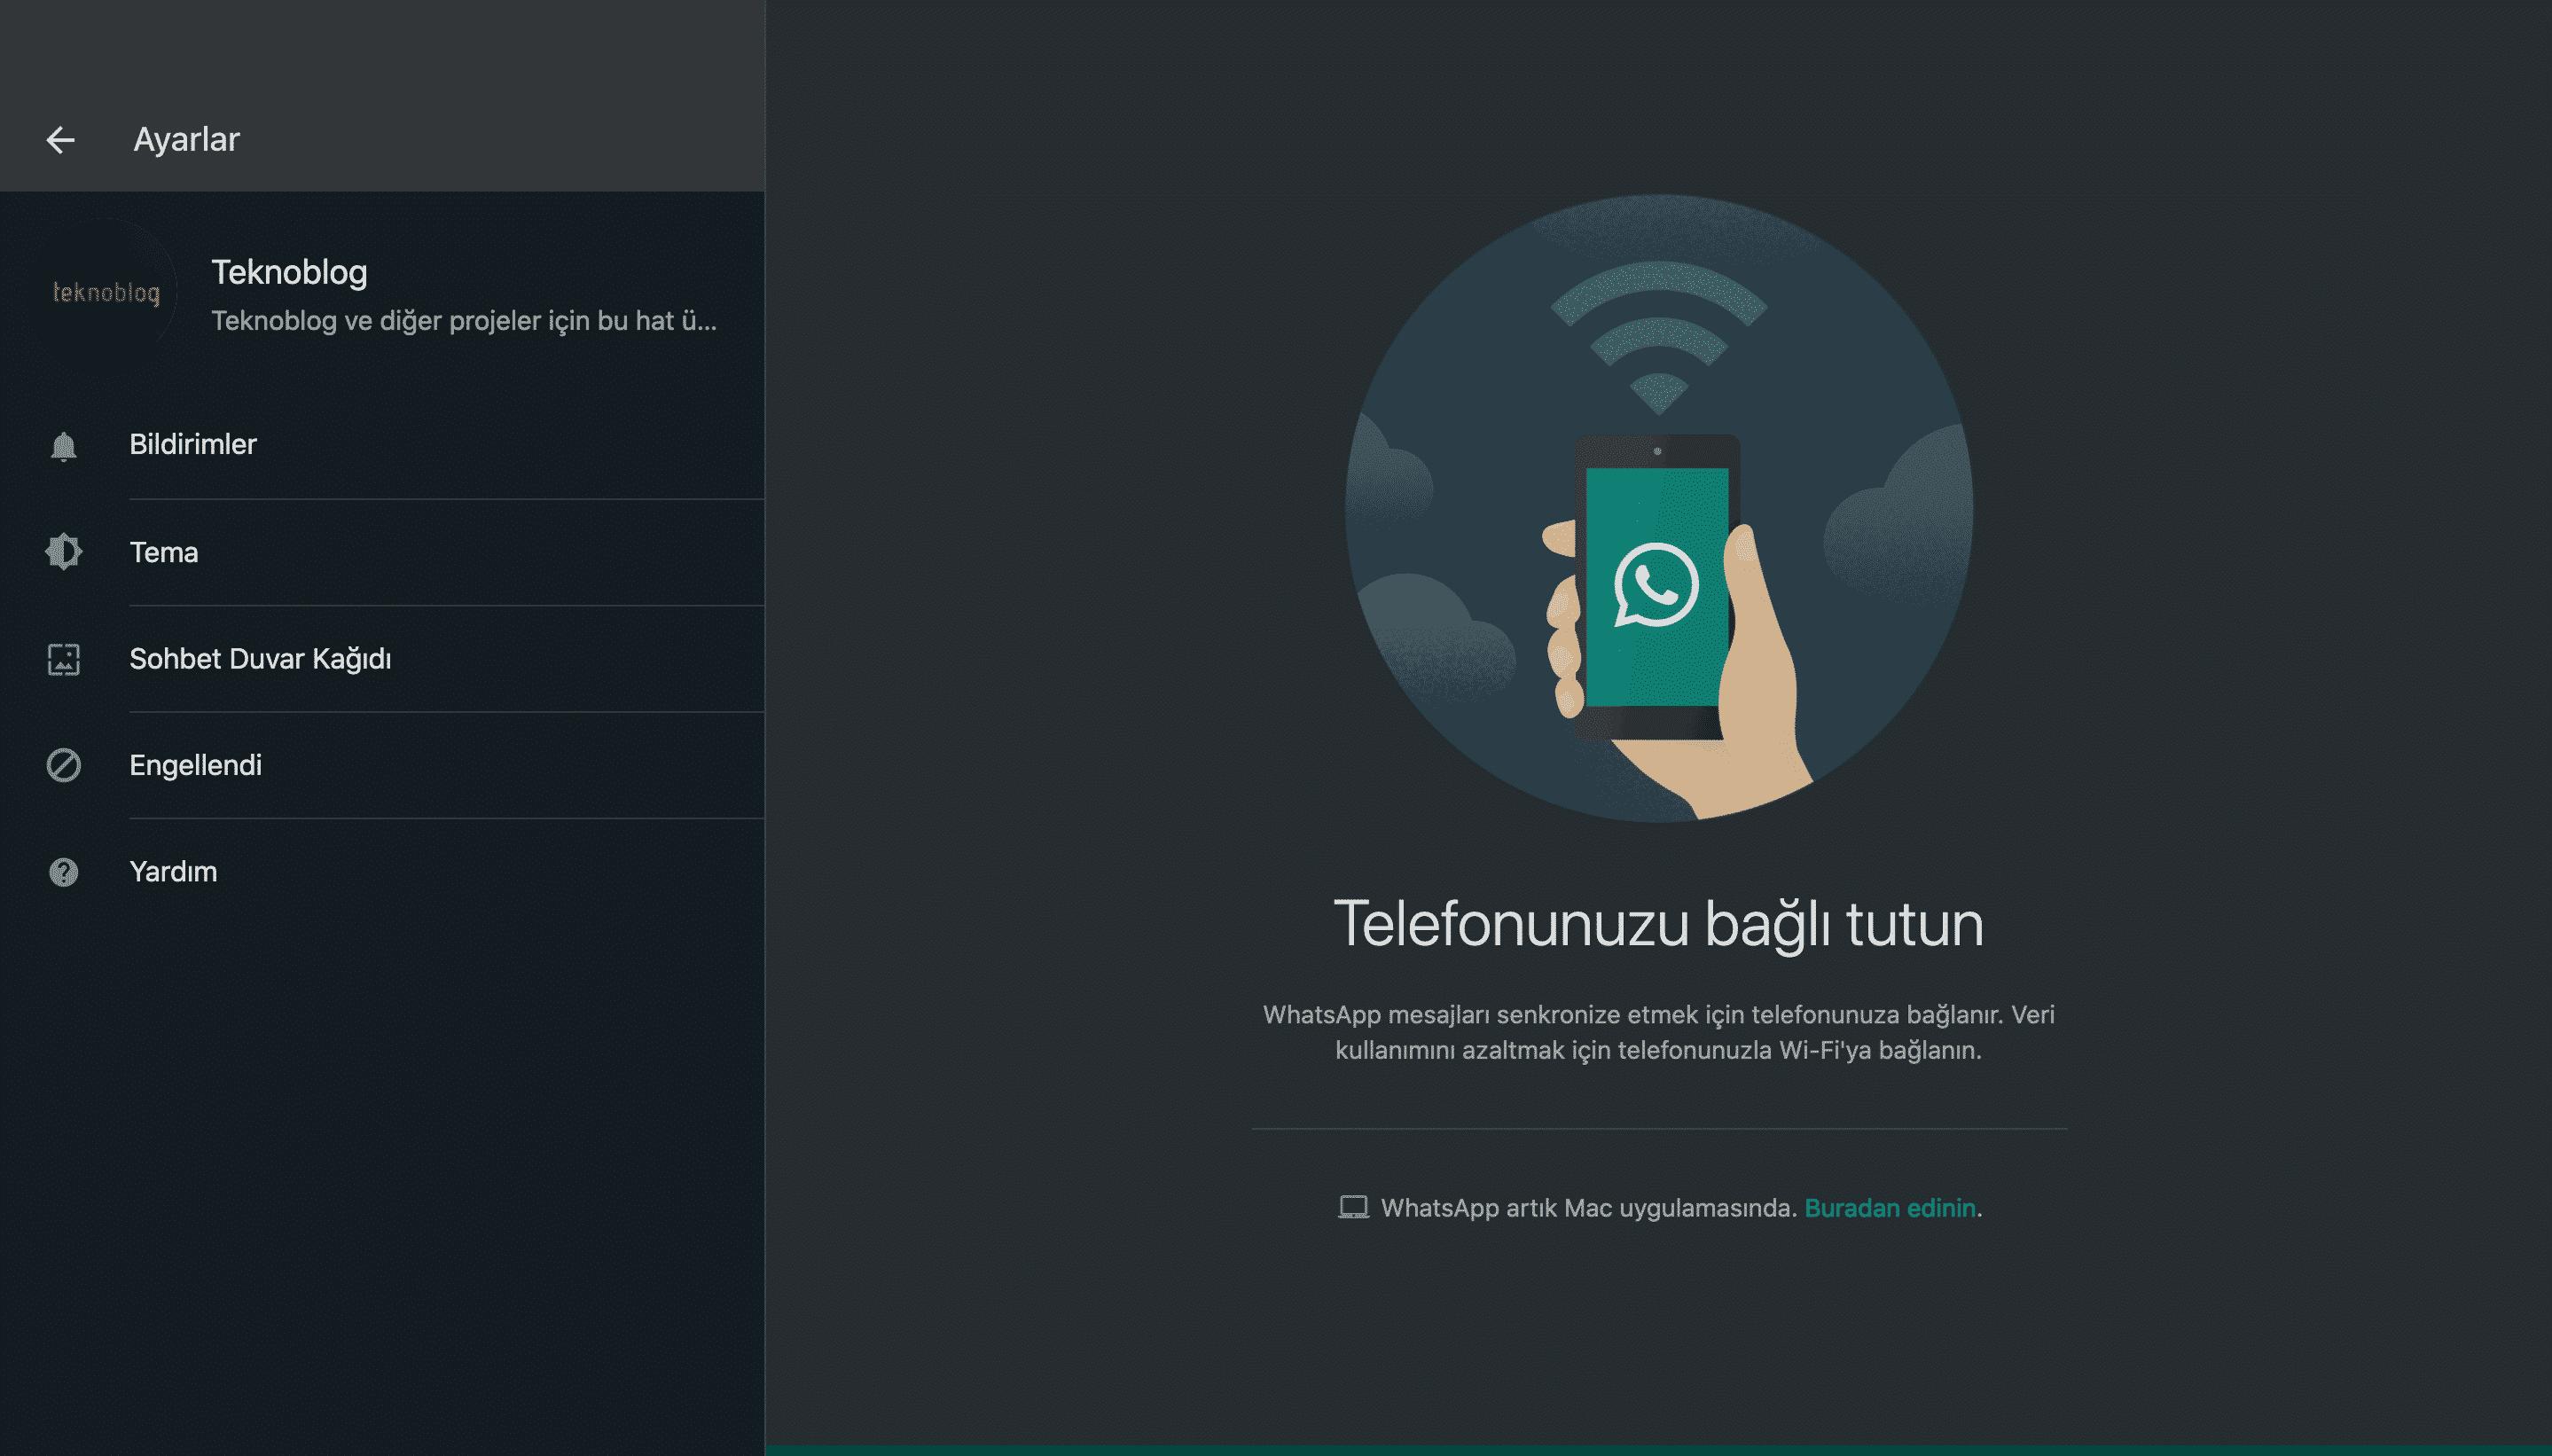 WhatsApp web ve masaüstü için koyu mod seçeneği açıldı